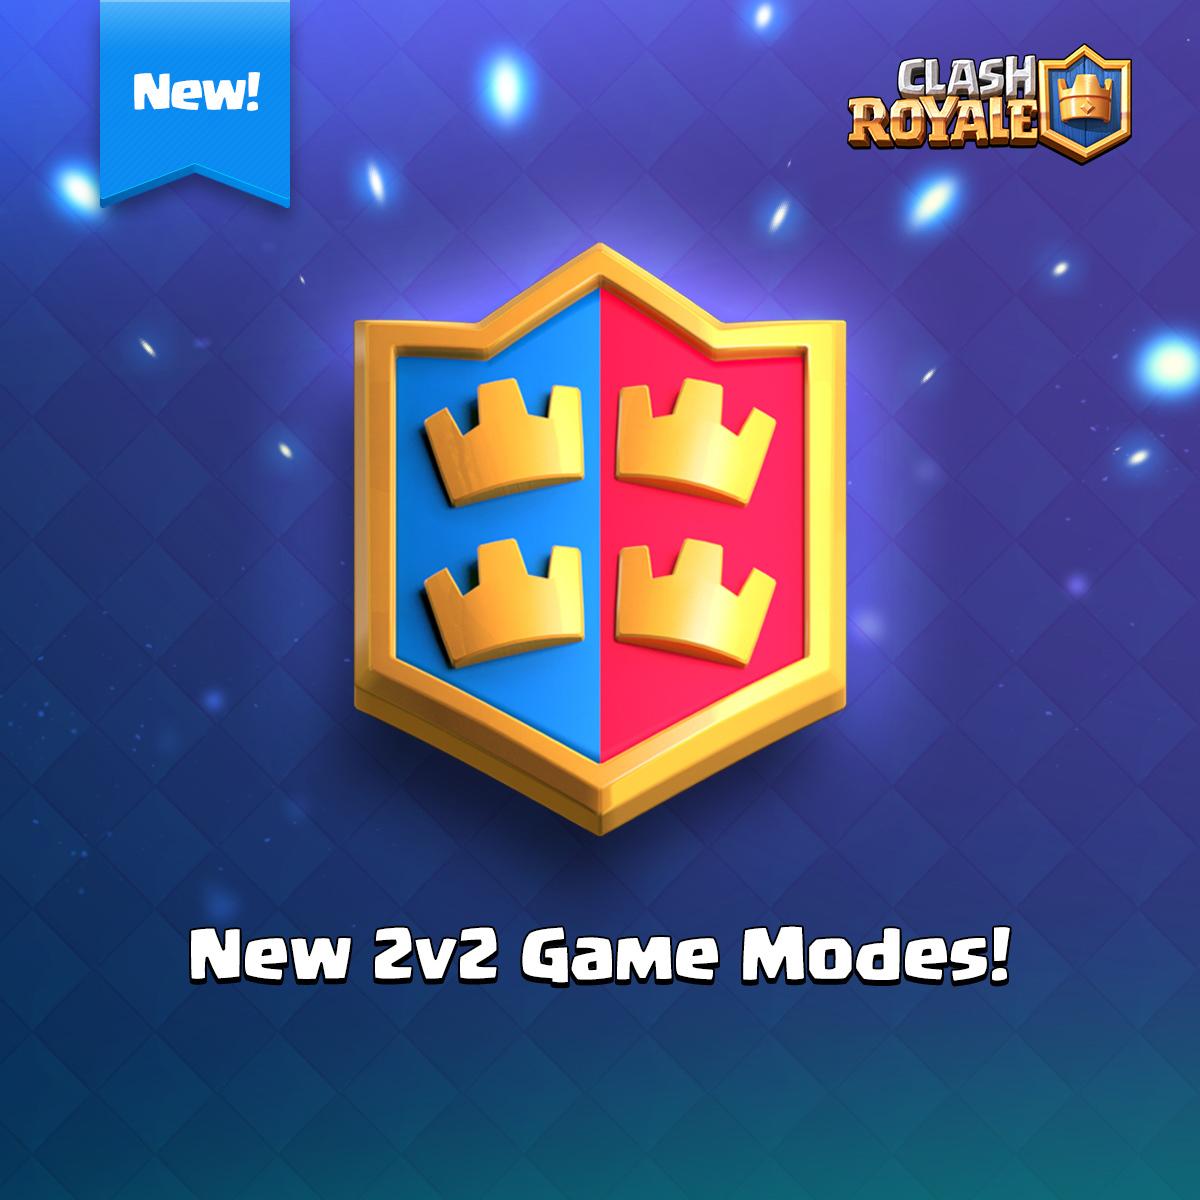 SNEAK PEEK #3 – New 2v2 Game Modes!